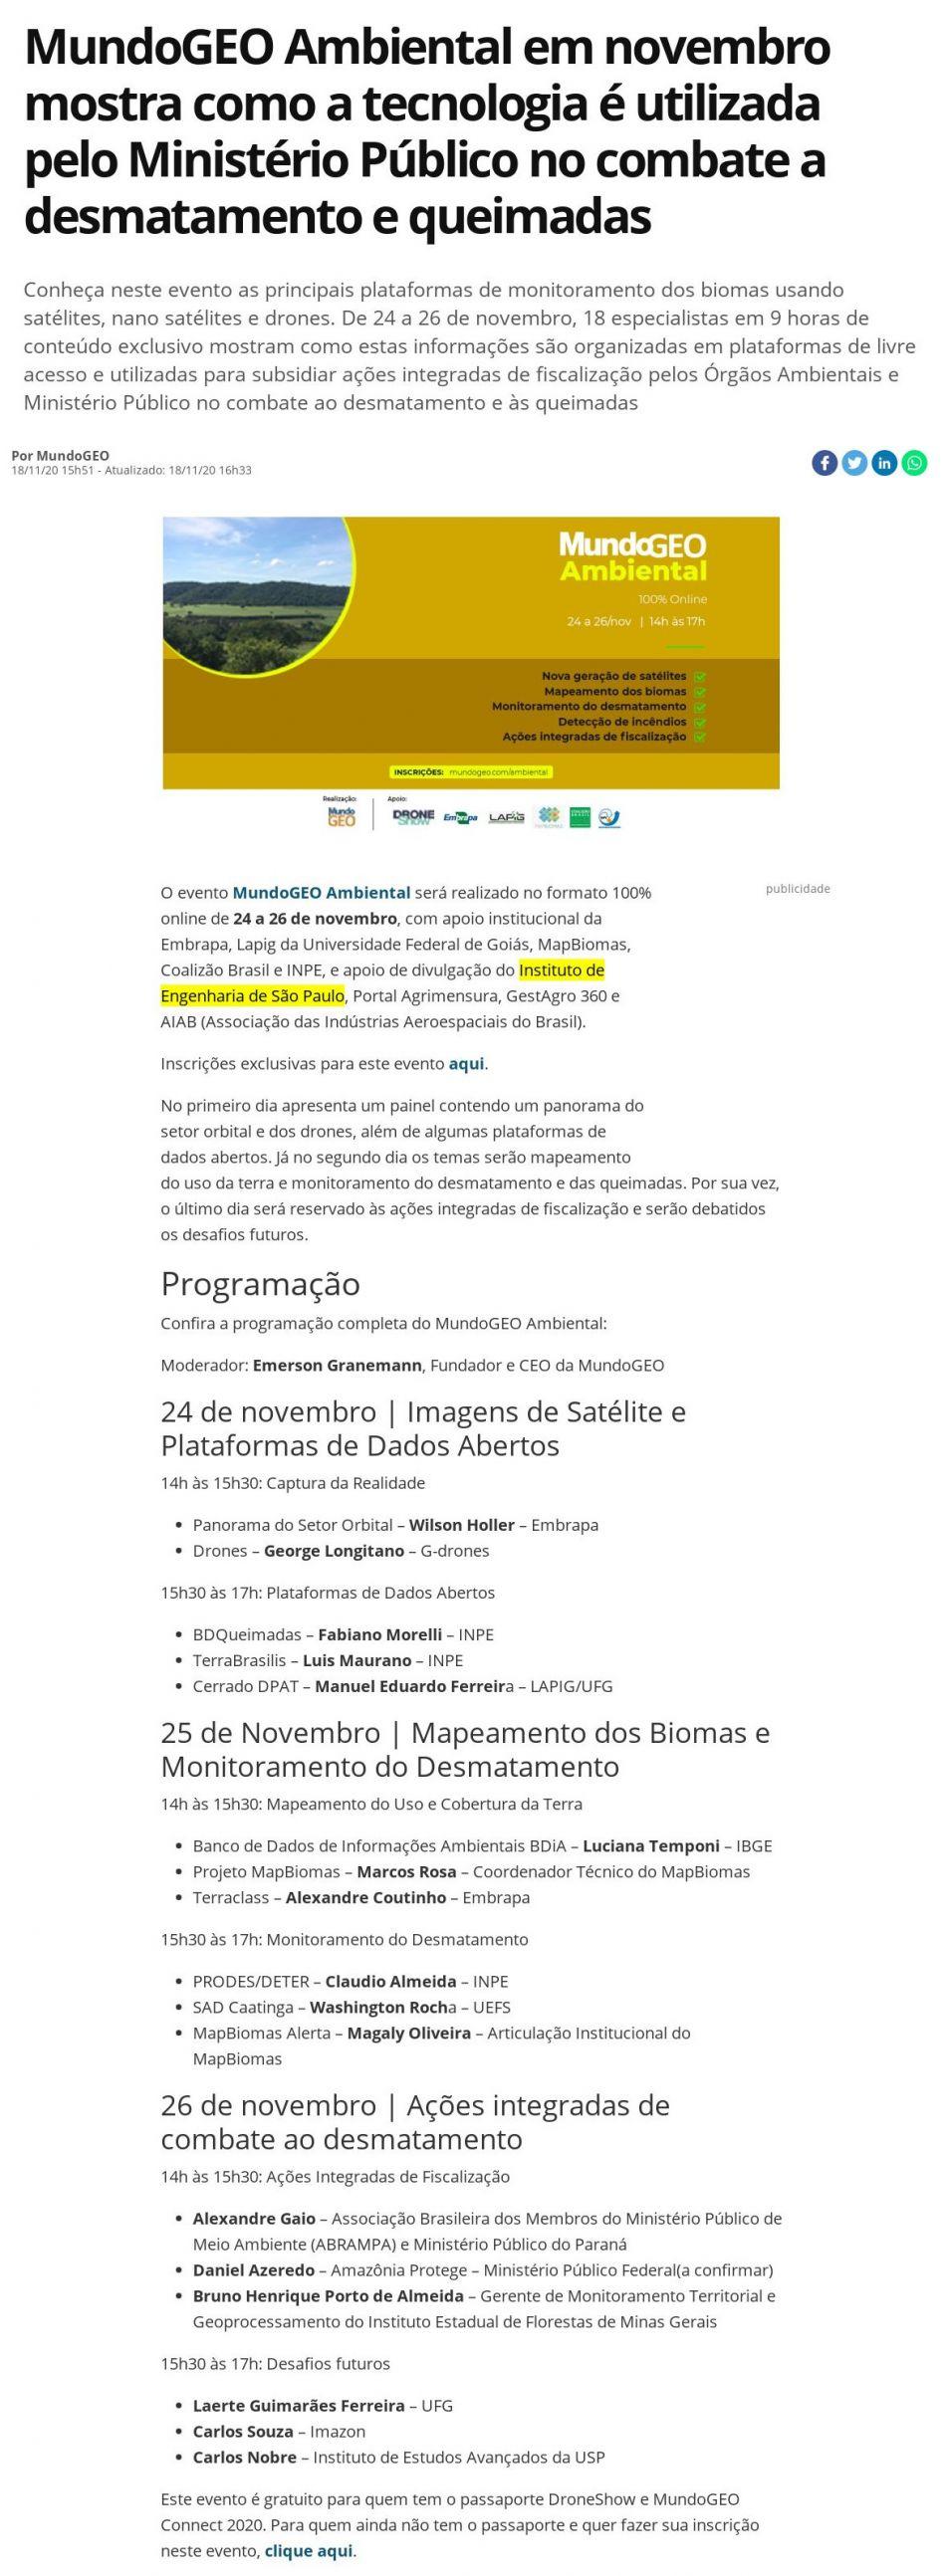 MundoGEO Ambiental em novembro mostra como a tecnologia é utilizada pelo Ministério Público no combate a desmatamento e queimadas - MundoGeo